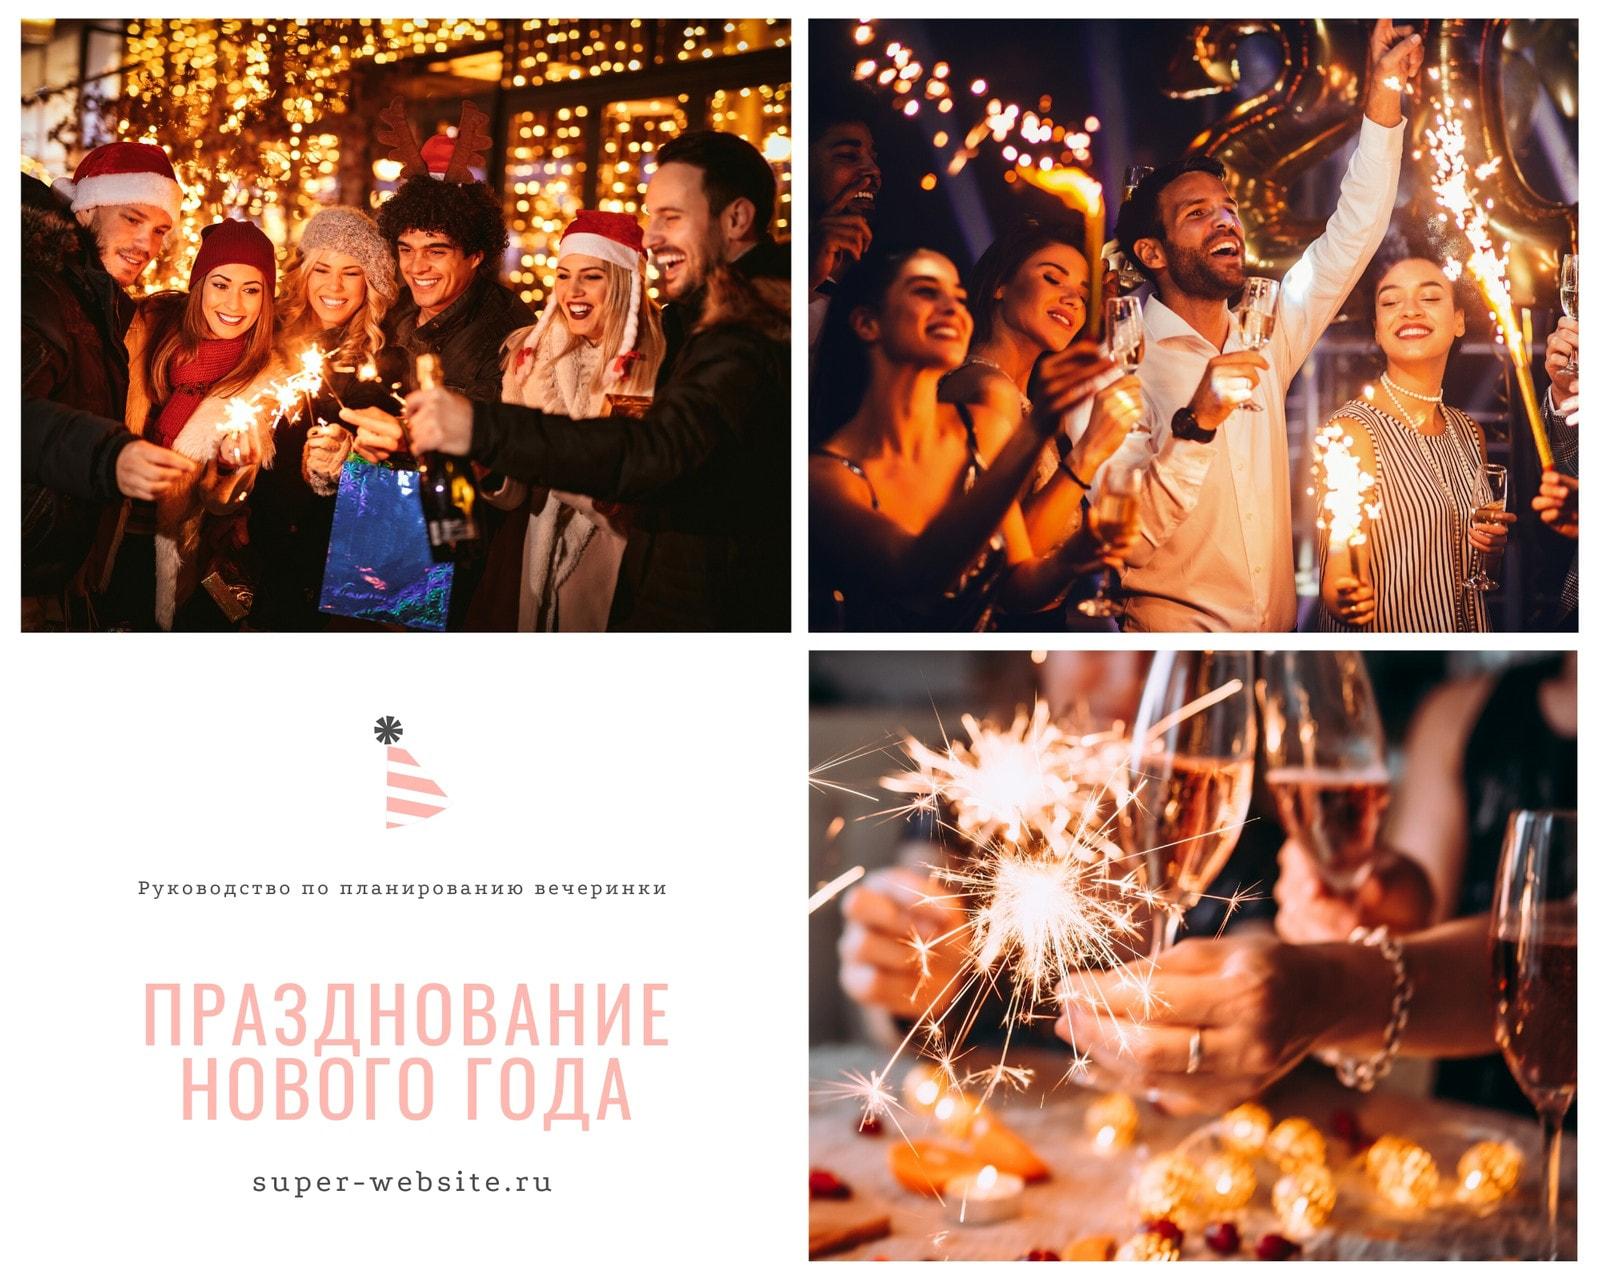 Розовый Новый Год Вечеринка Фотография Коллаж